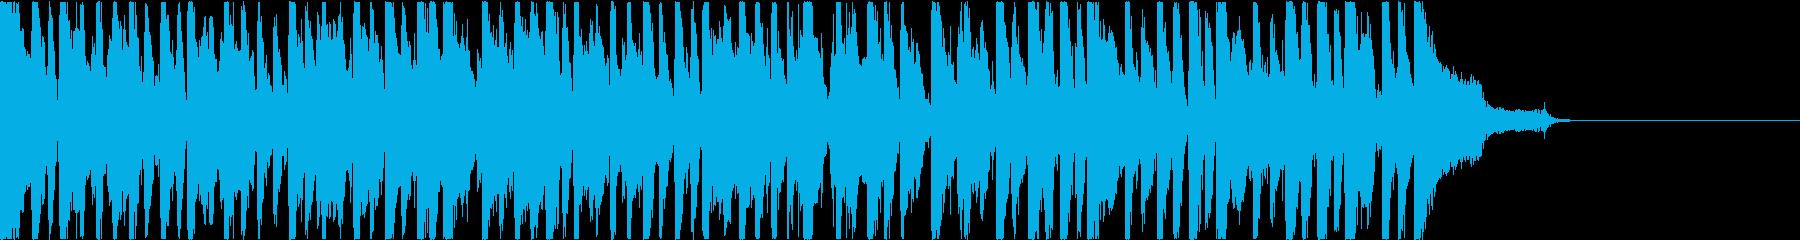 パズルゲーム向ゆるゆる系BGM 短縮版②の再生済みの波形